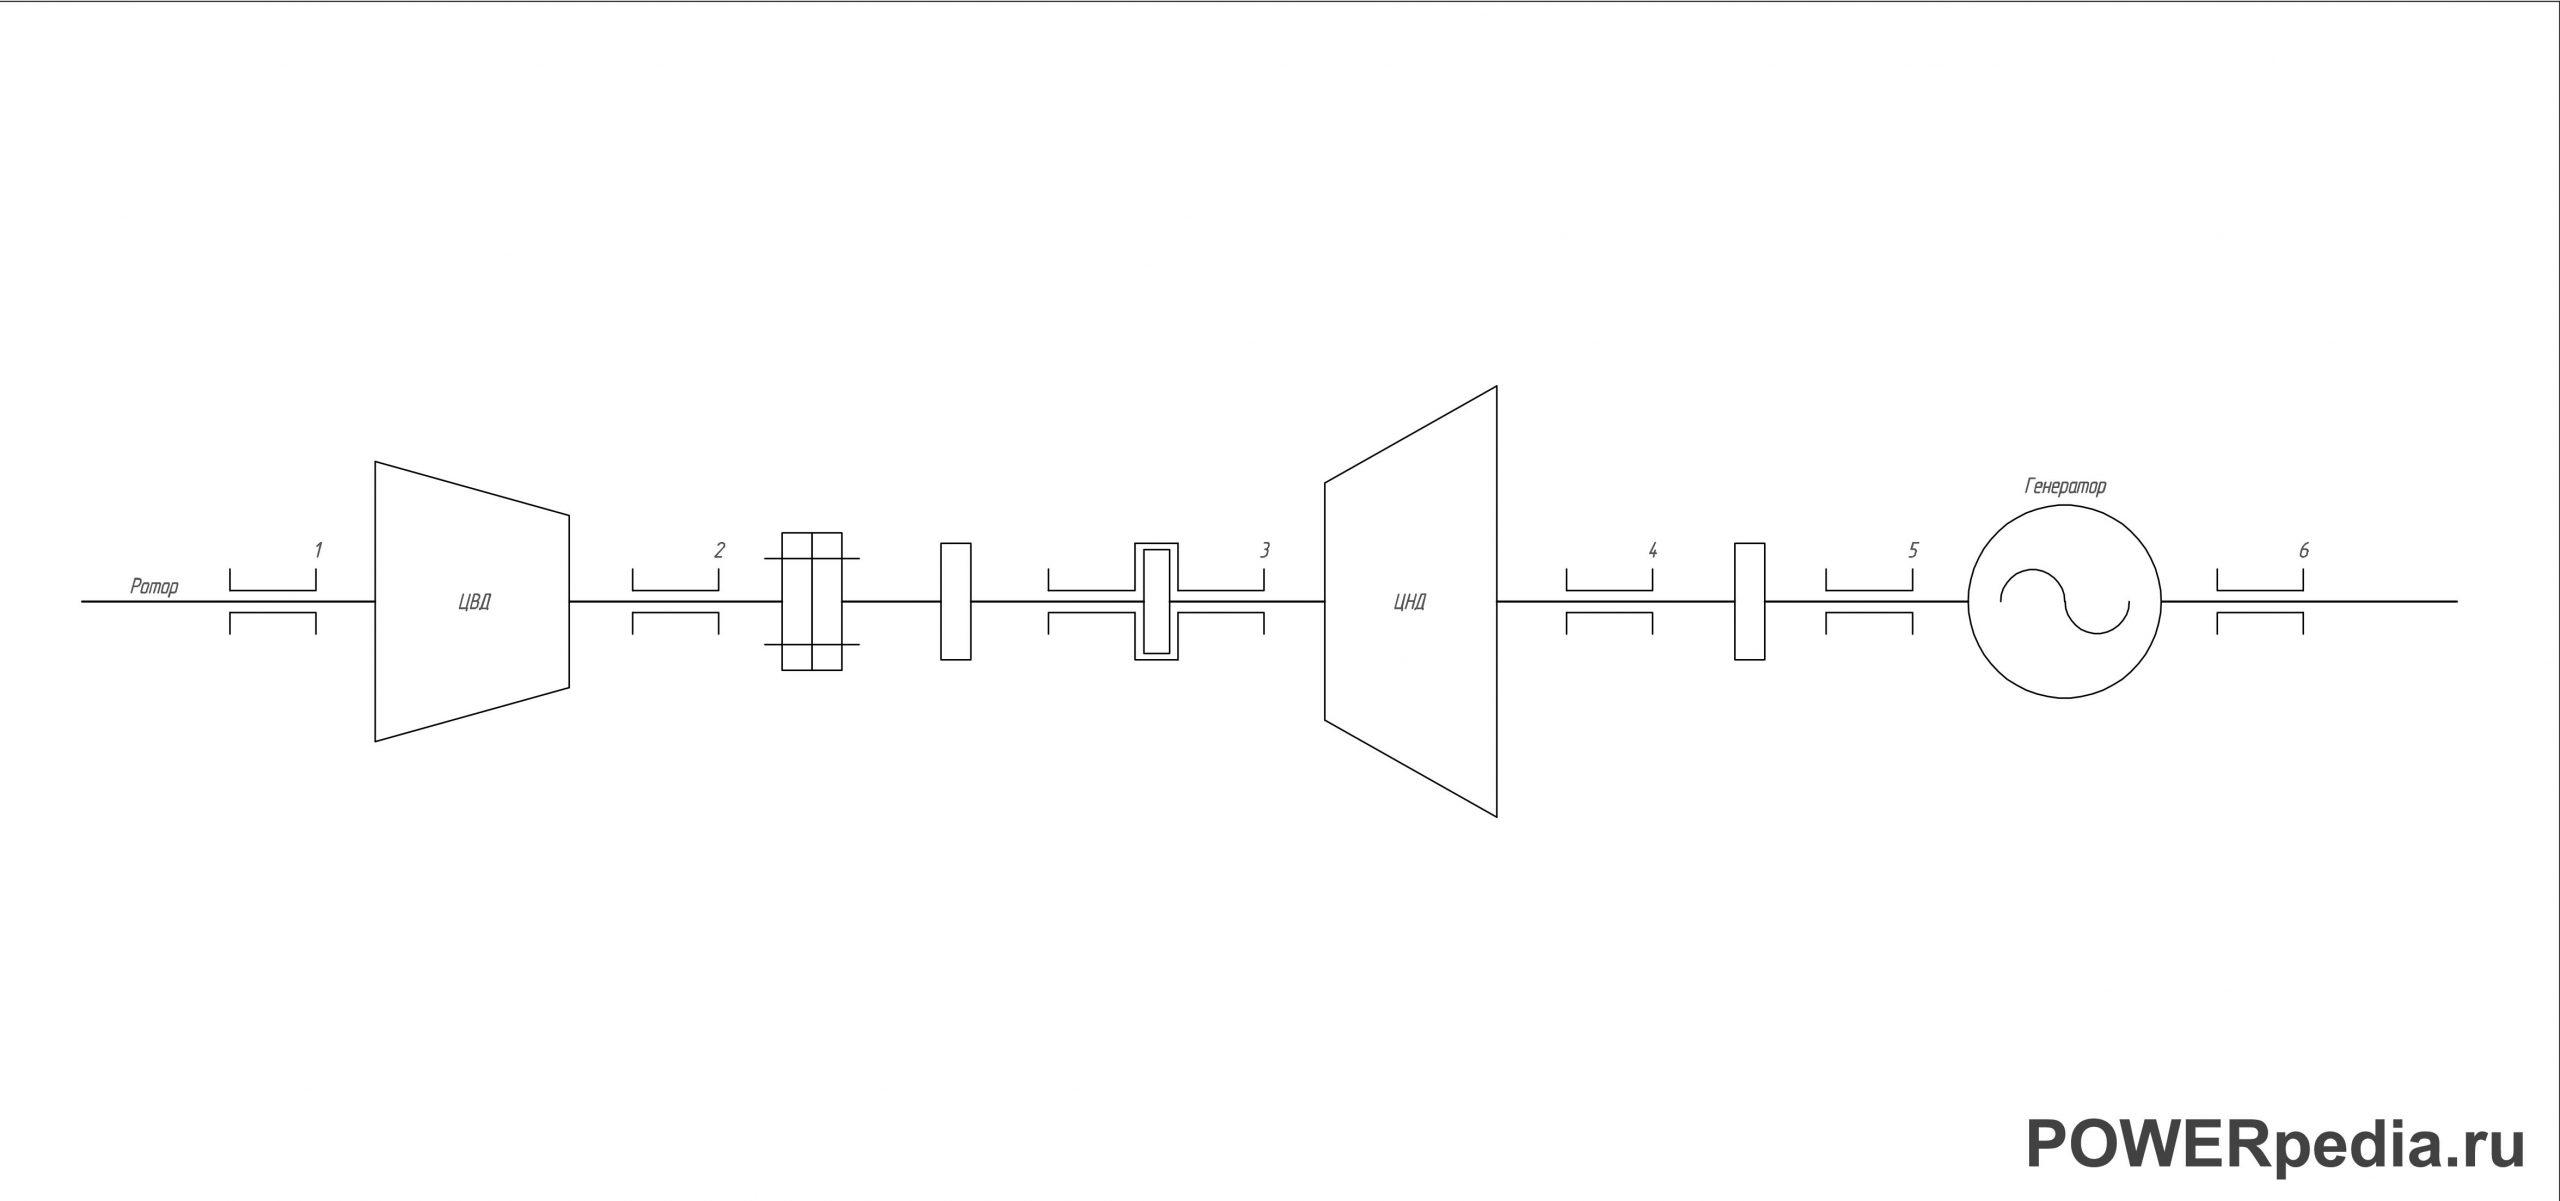 Структурная схема паровой турбины